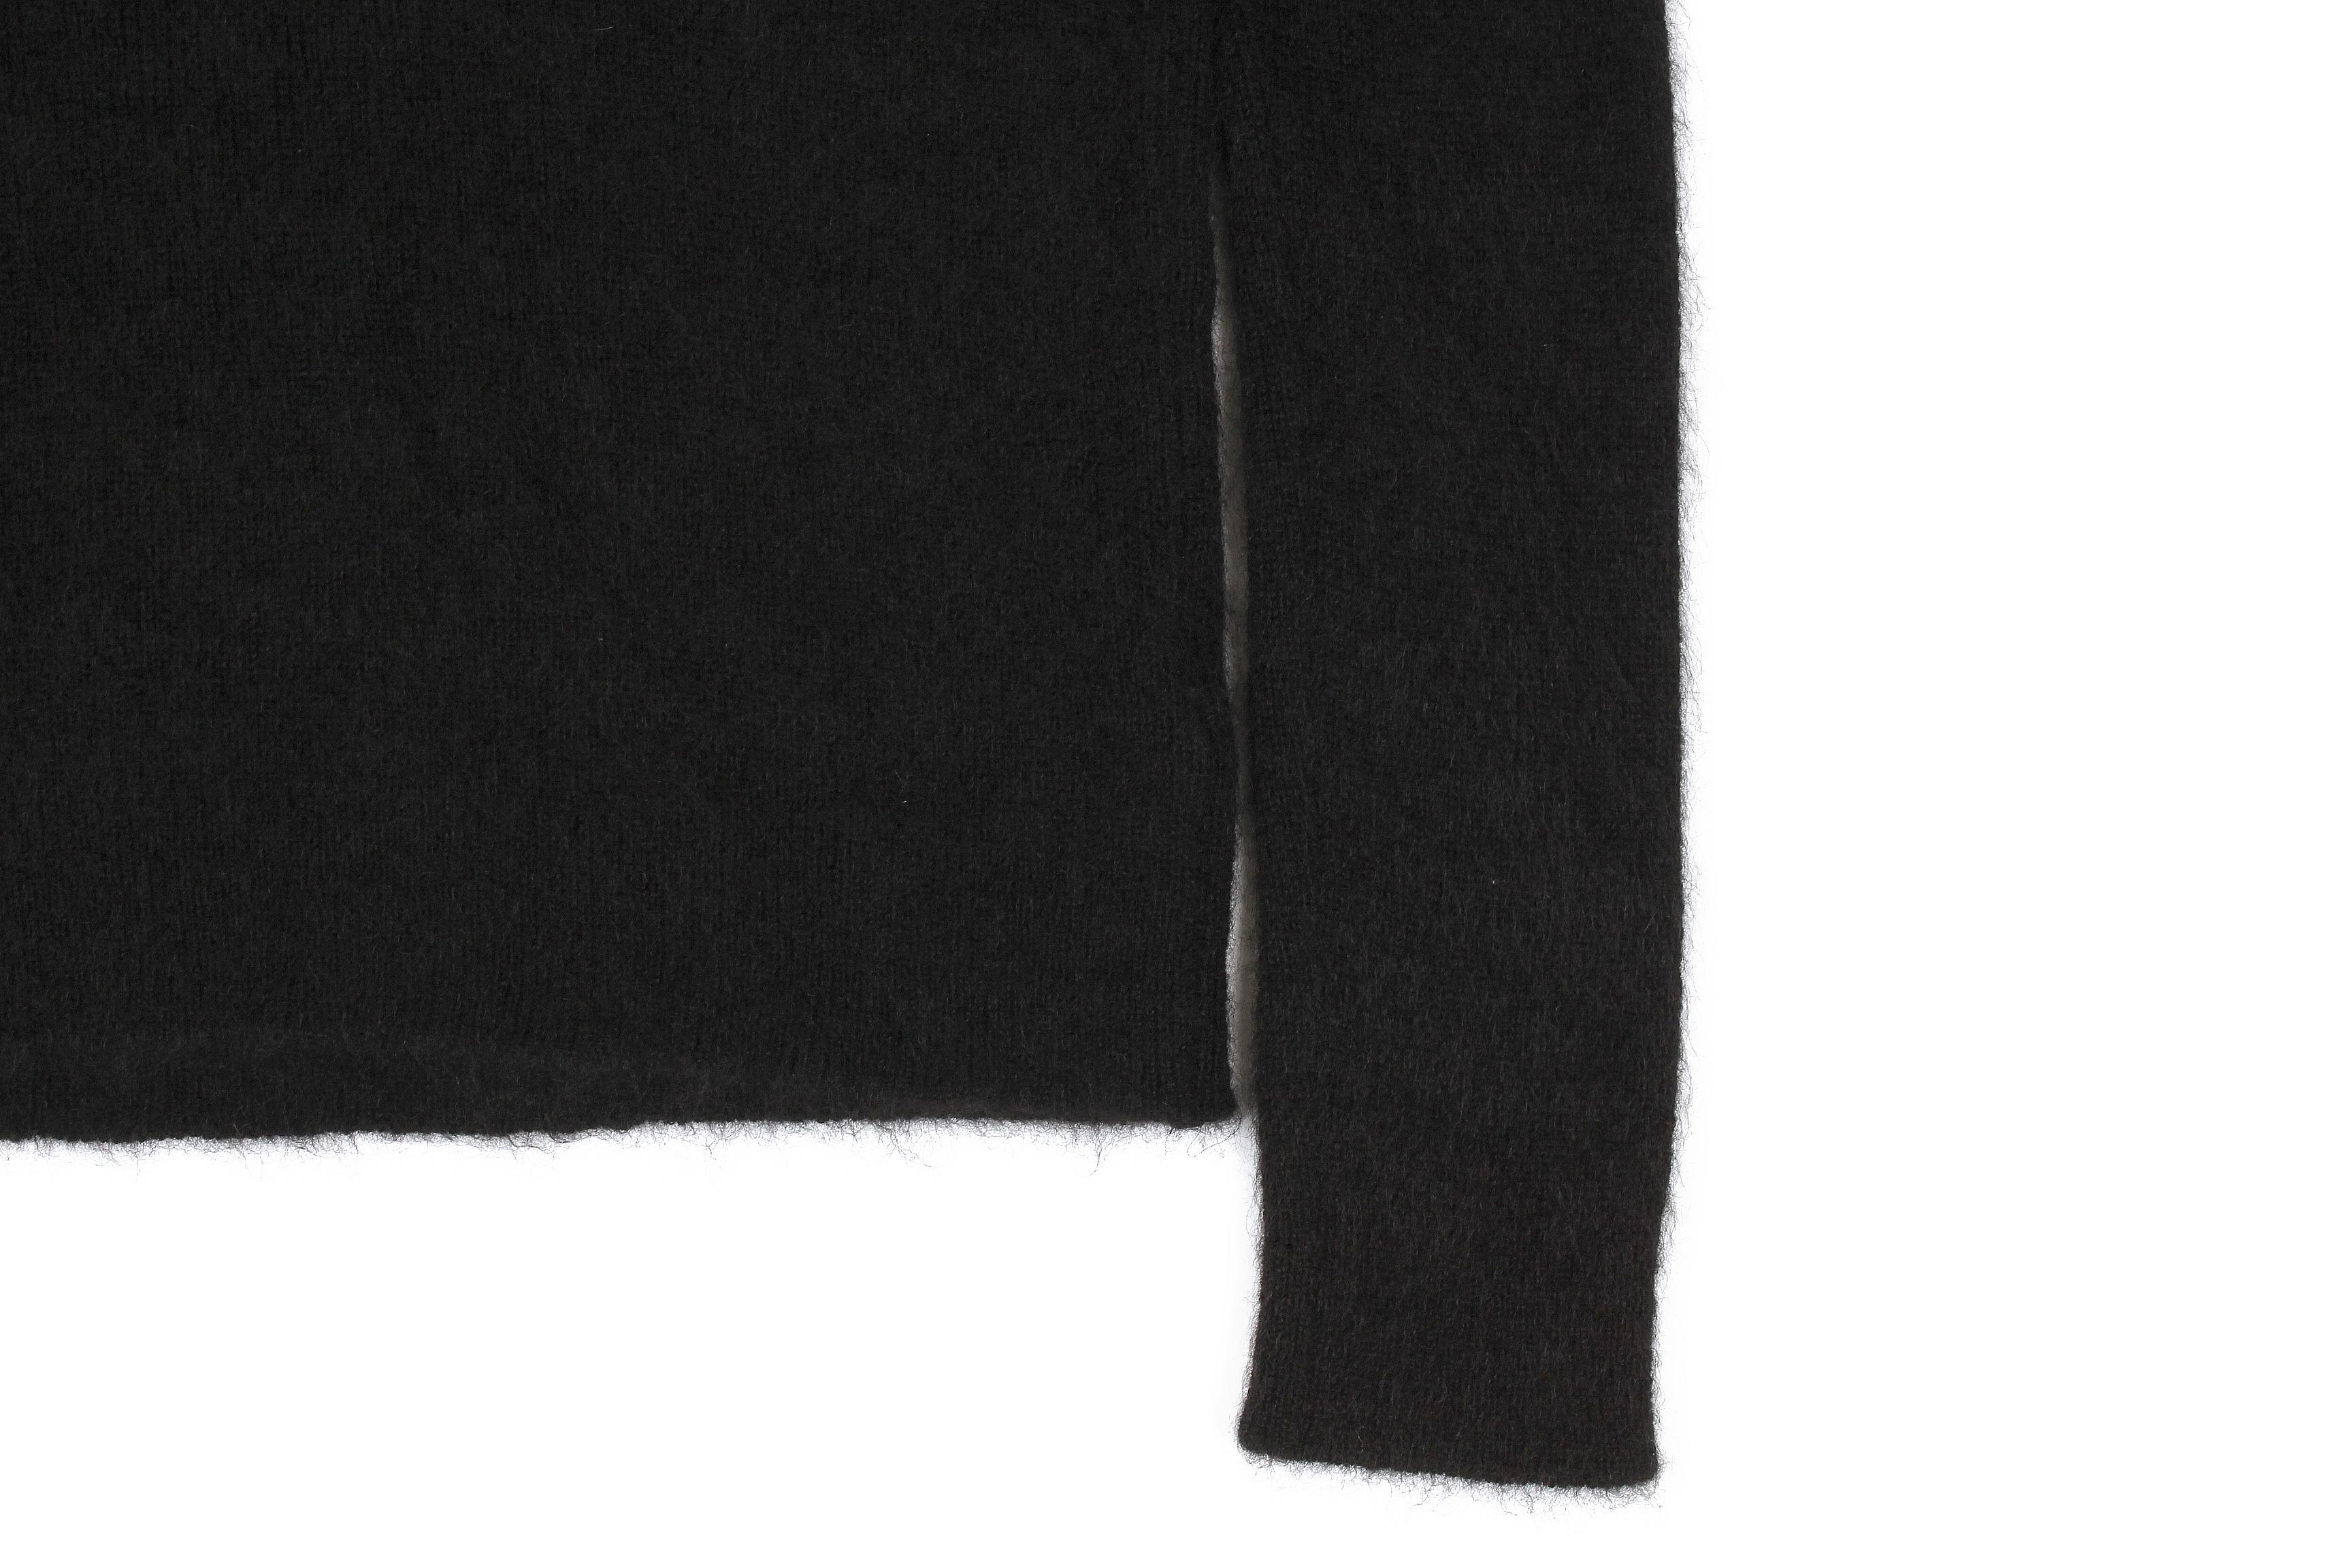 RIVORA (リヴォラ) GENTLE Knit High Neck (ジェントル ニット ハイネック) Cashmere Mohair Silk カシミア モヘア シルク ニット タートルネックセーター BLACK (ブラック・010) MADE IN JAPAN (日本製) 2021秋冬 【Alto e Diritto 別注】【Special Model】愛知 名古屋 Alto e Diritto altoediritto アルトエデリット